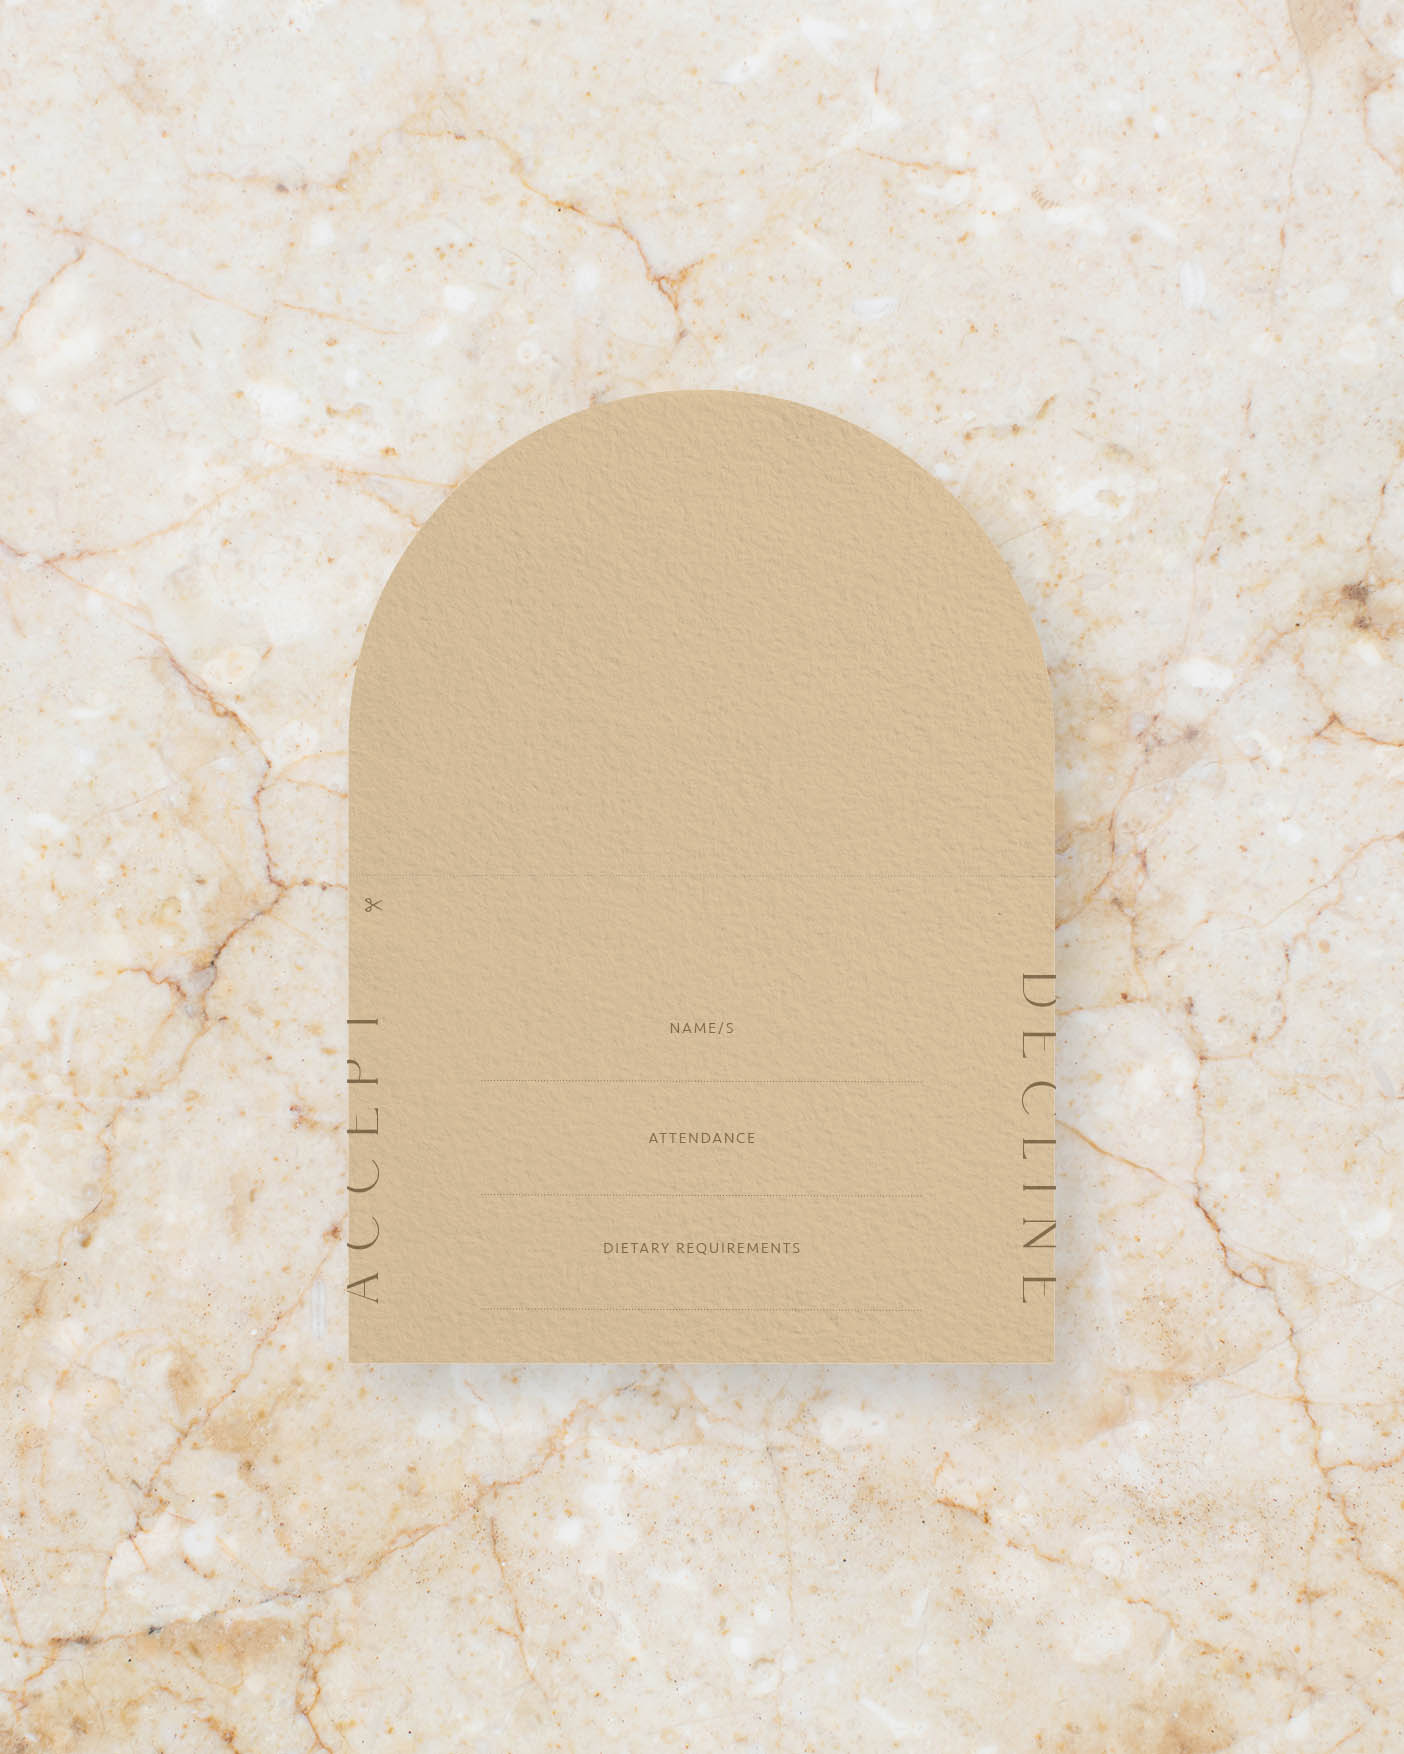 Name tag & RSVP card inside